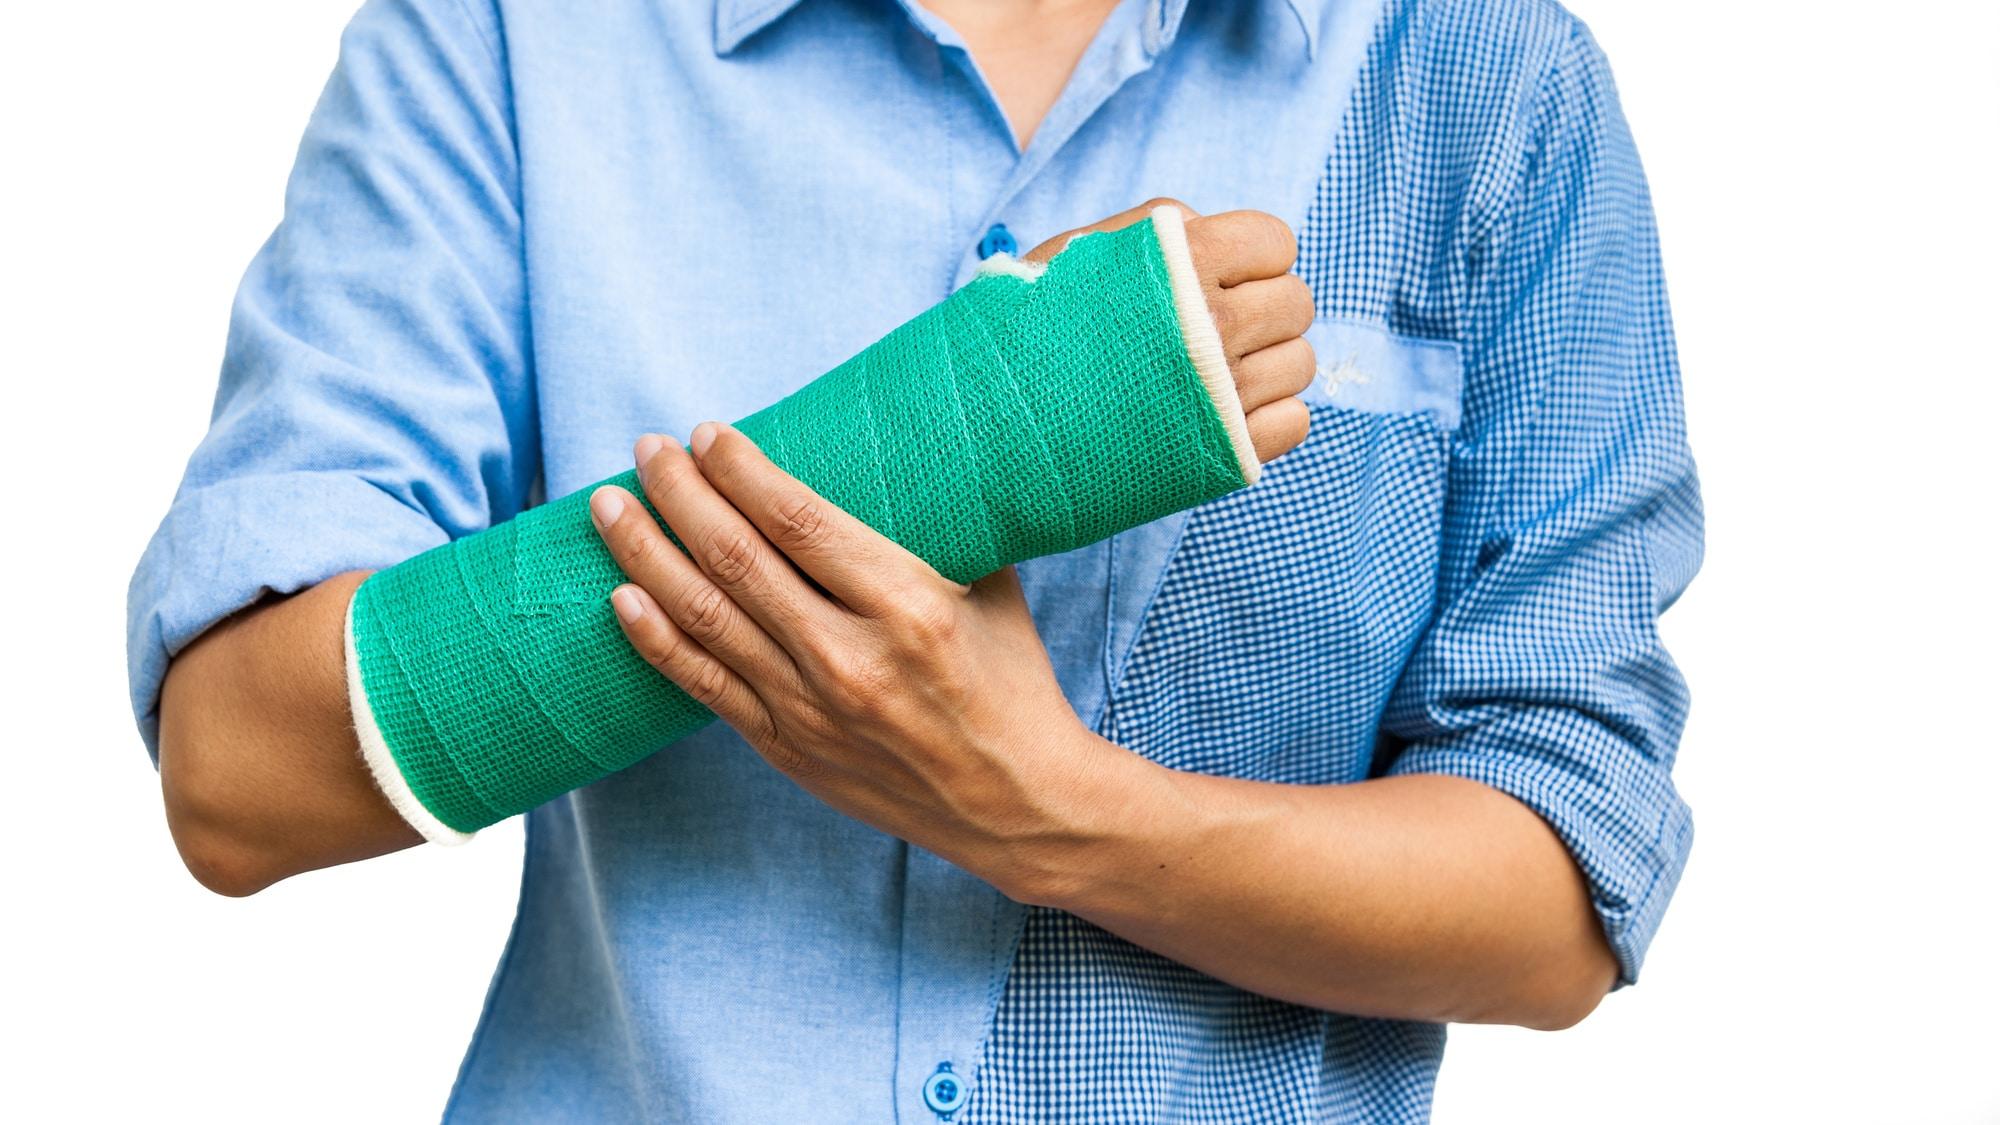 Broken Bone Fracture